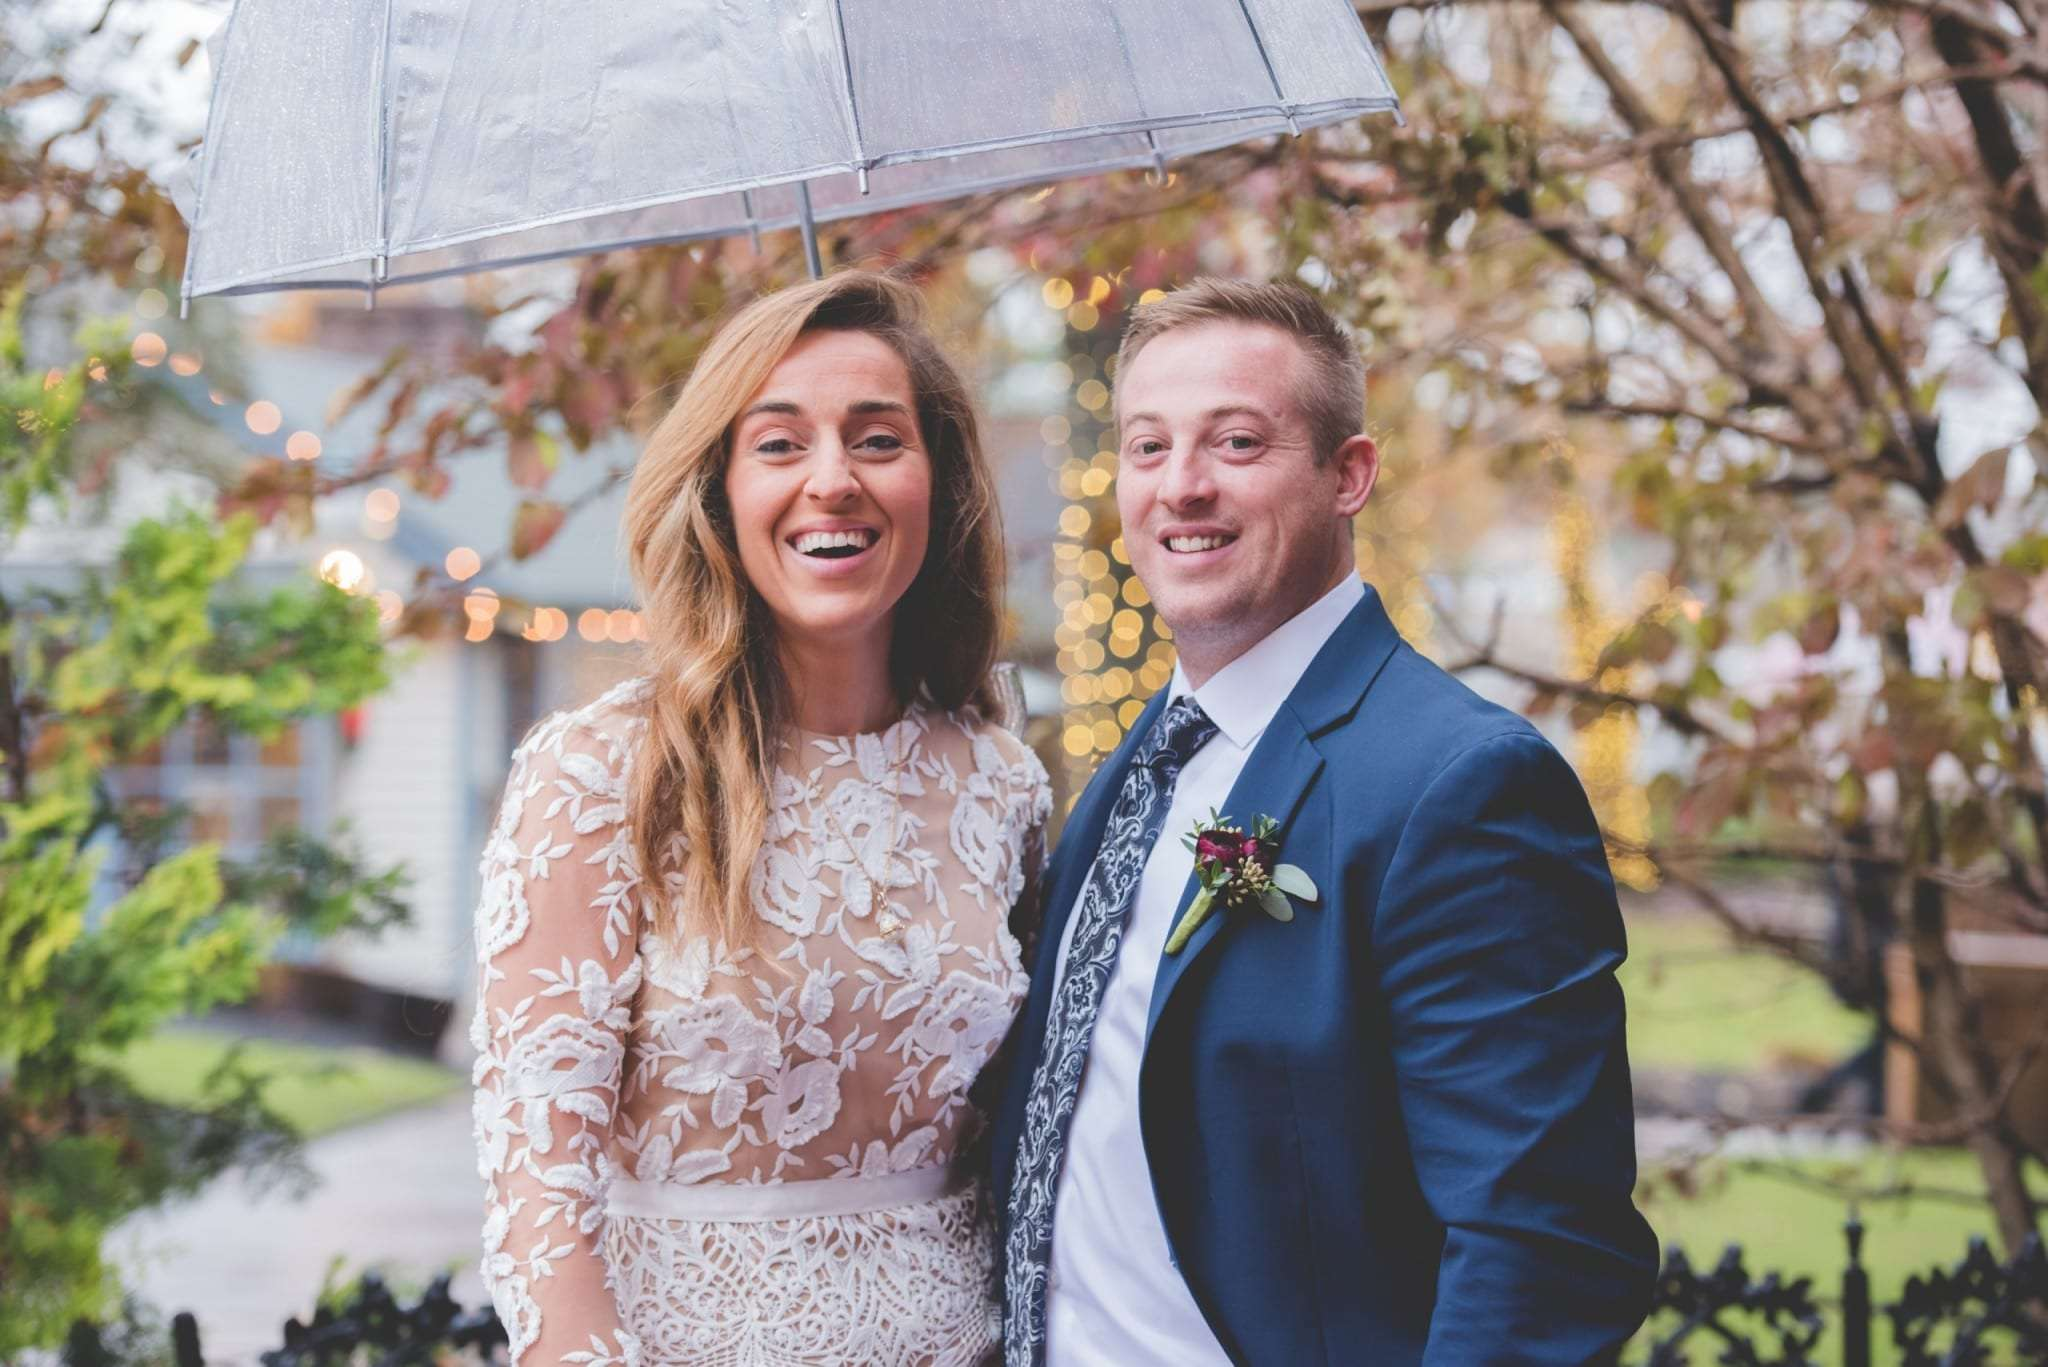 Smithville Inn elopement photography